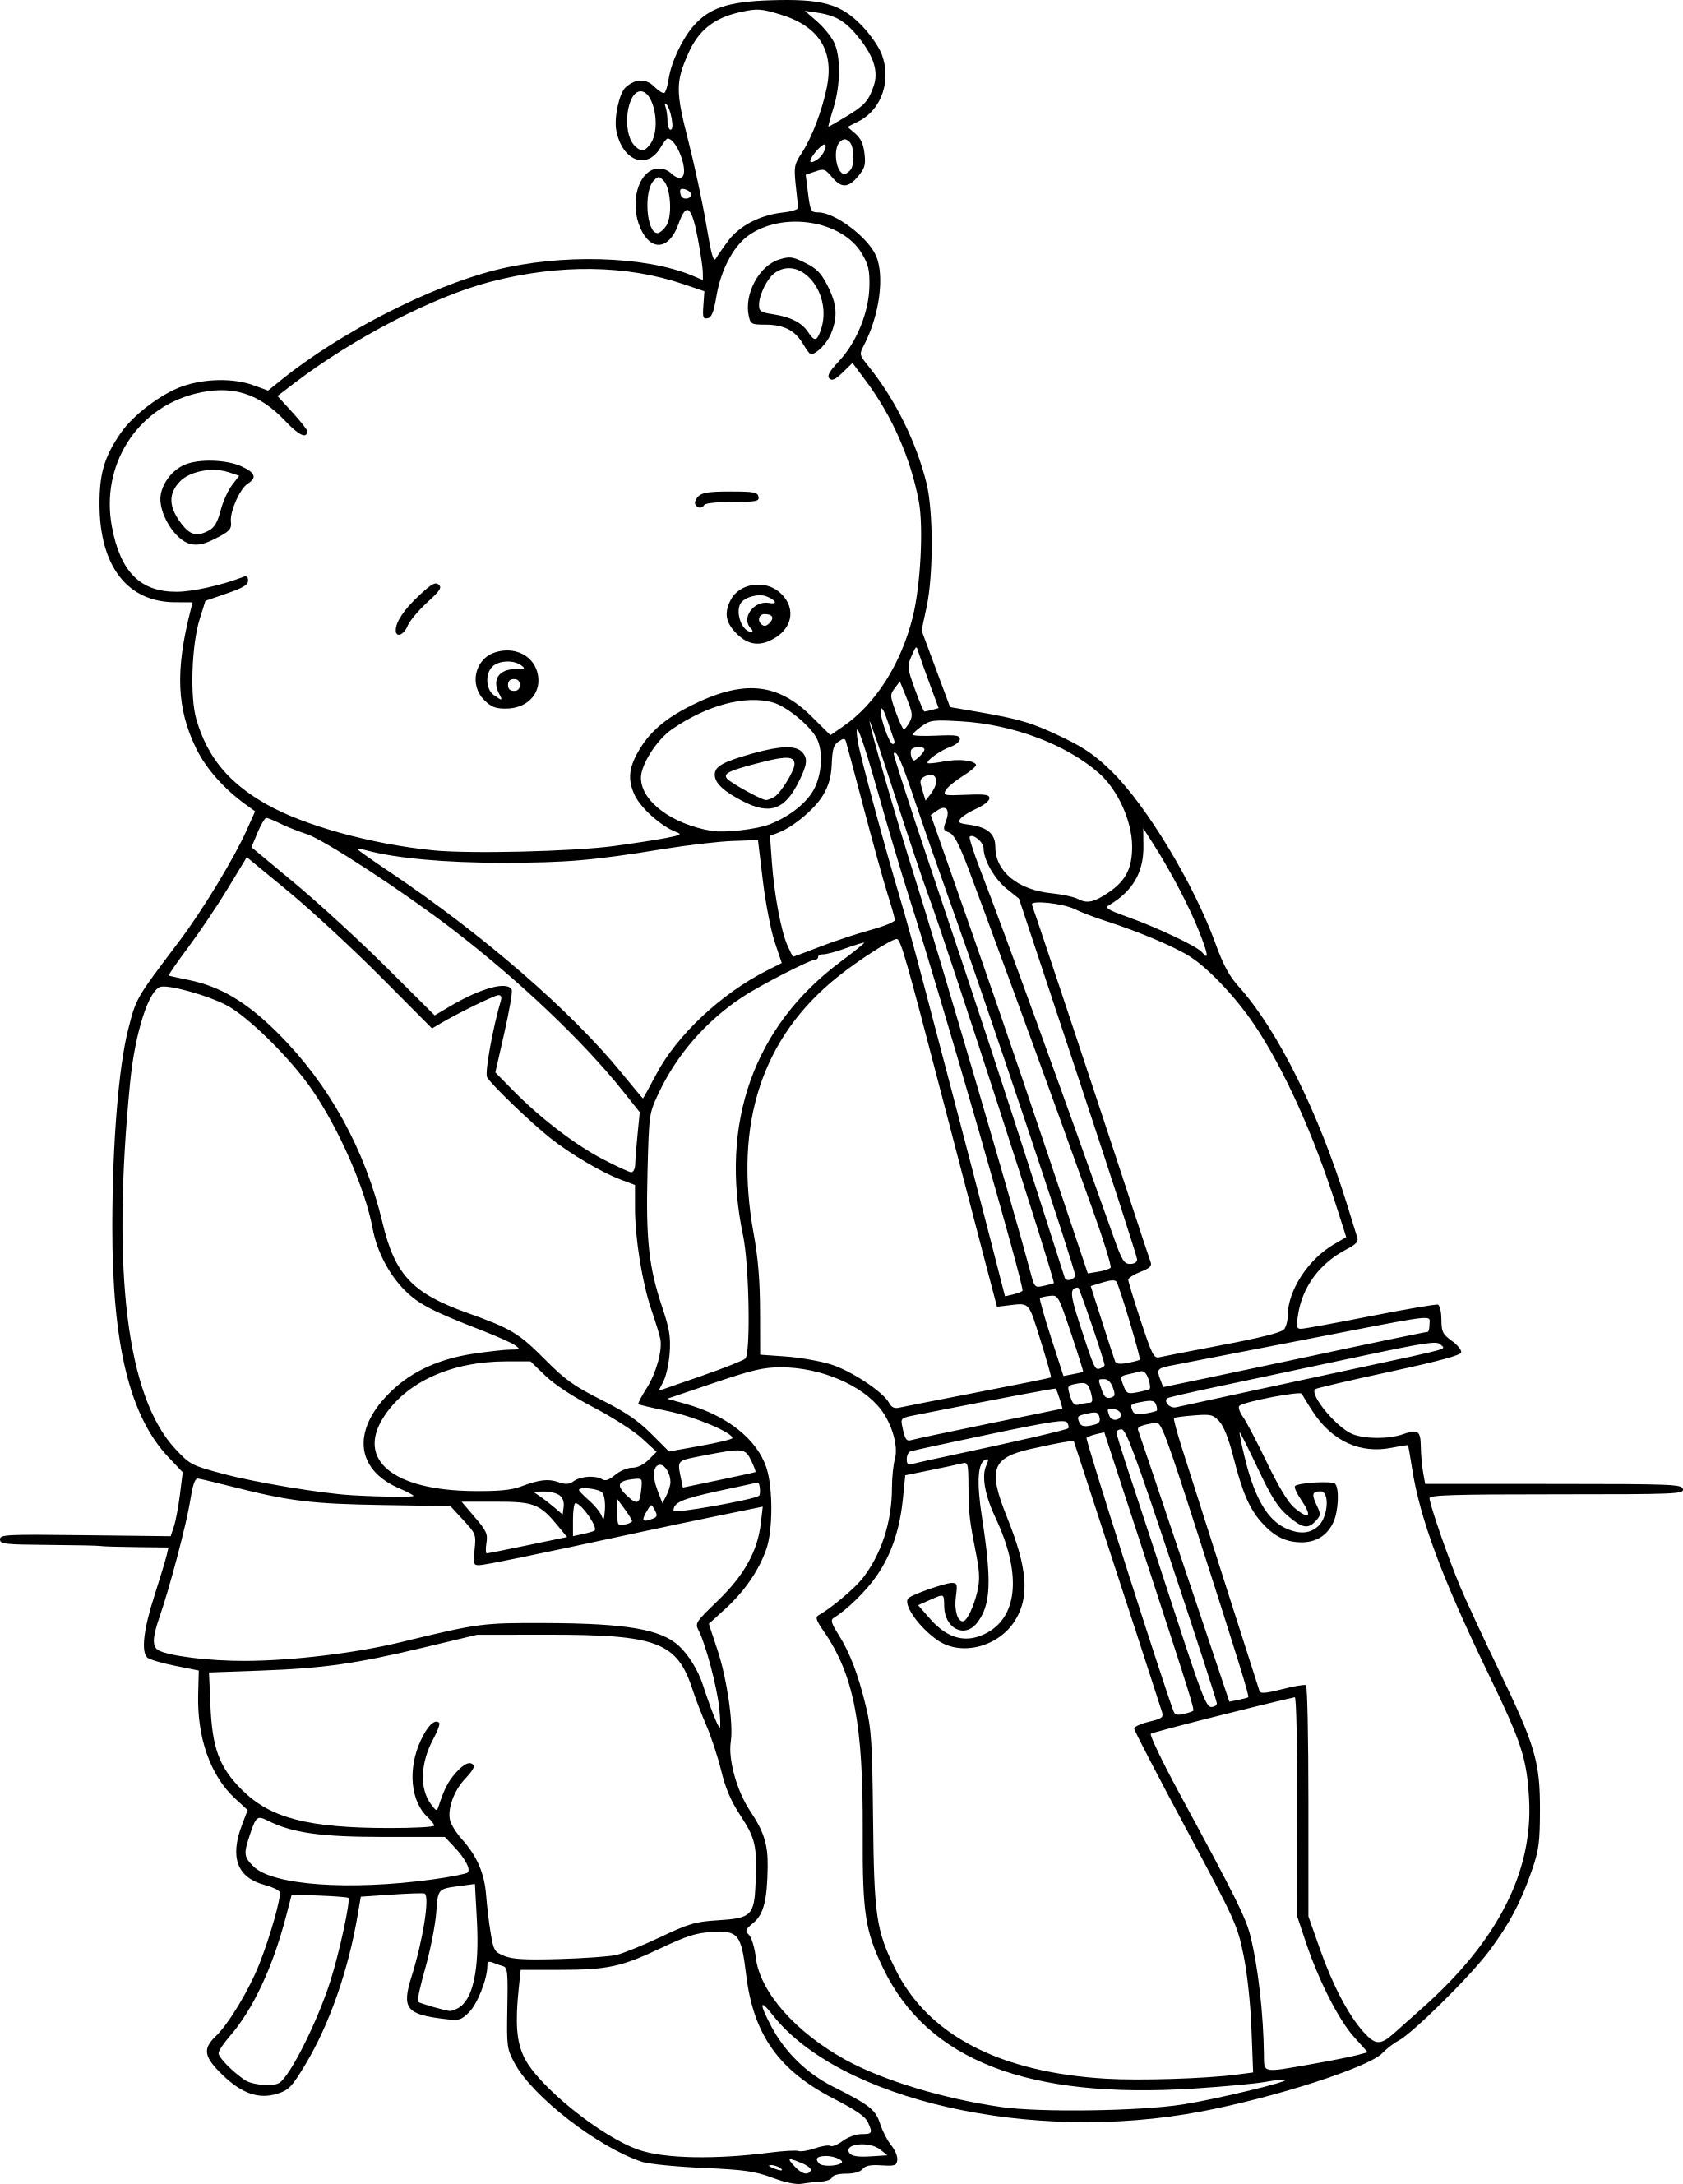 Coloriage ours fait du violoncelle